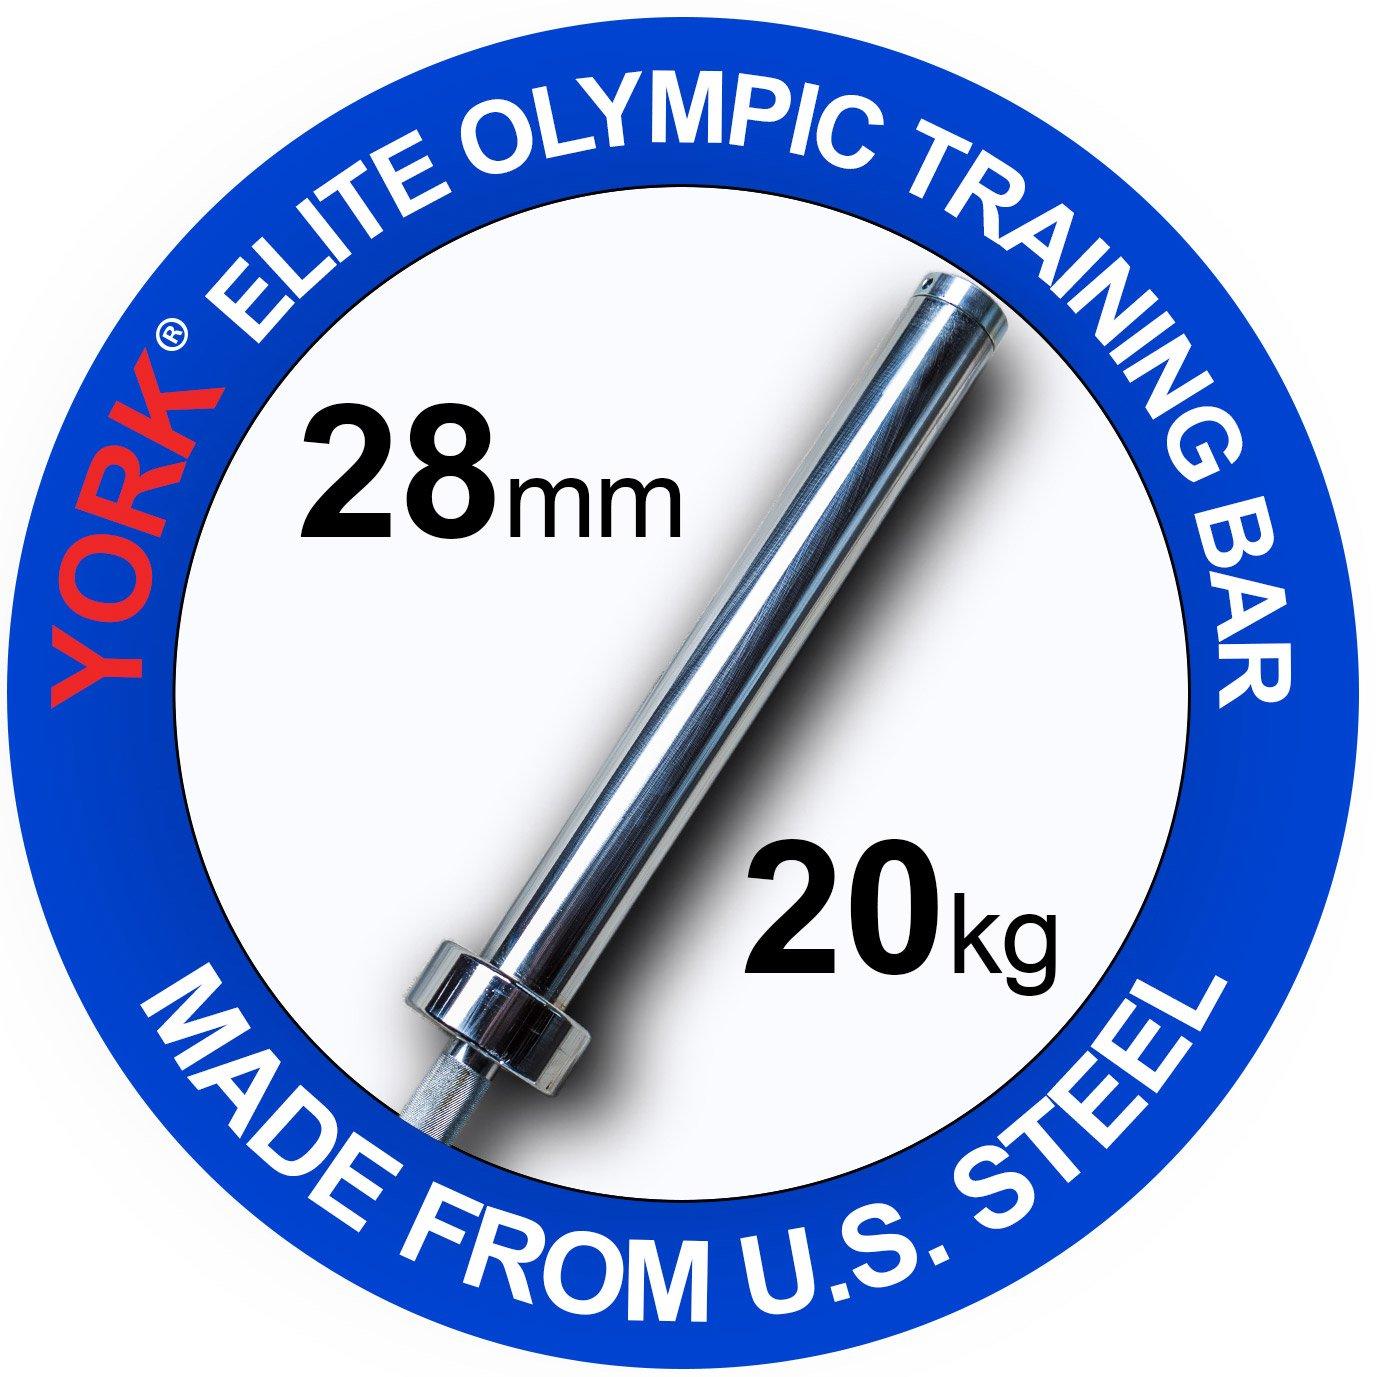 York 2200 mmメンズ20 kg北アメリカ製Competitionトレーニングバー